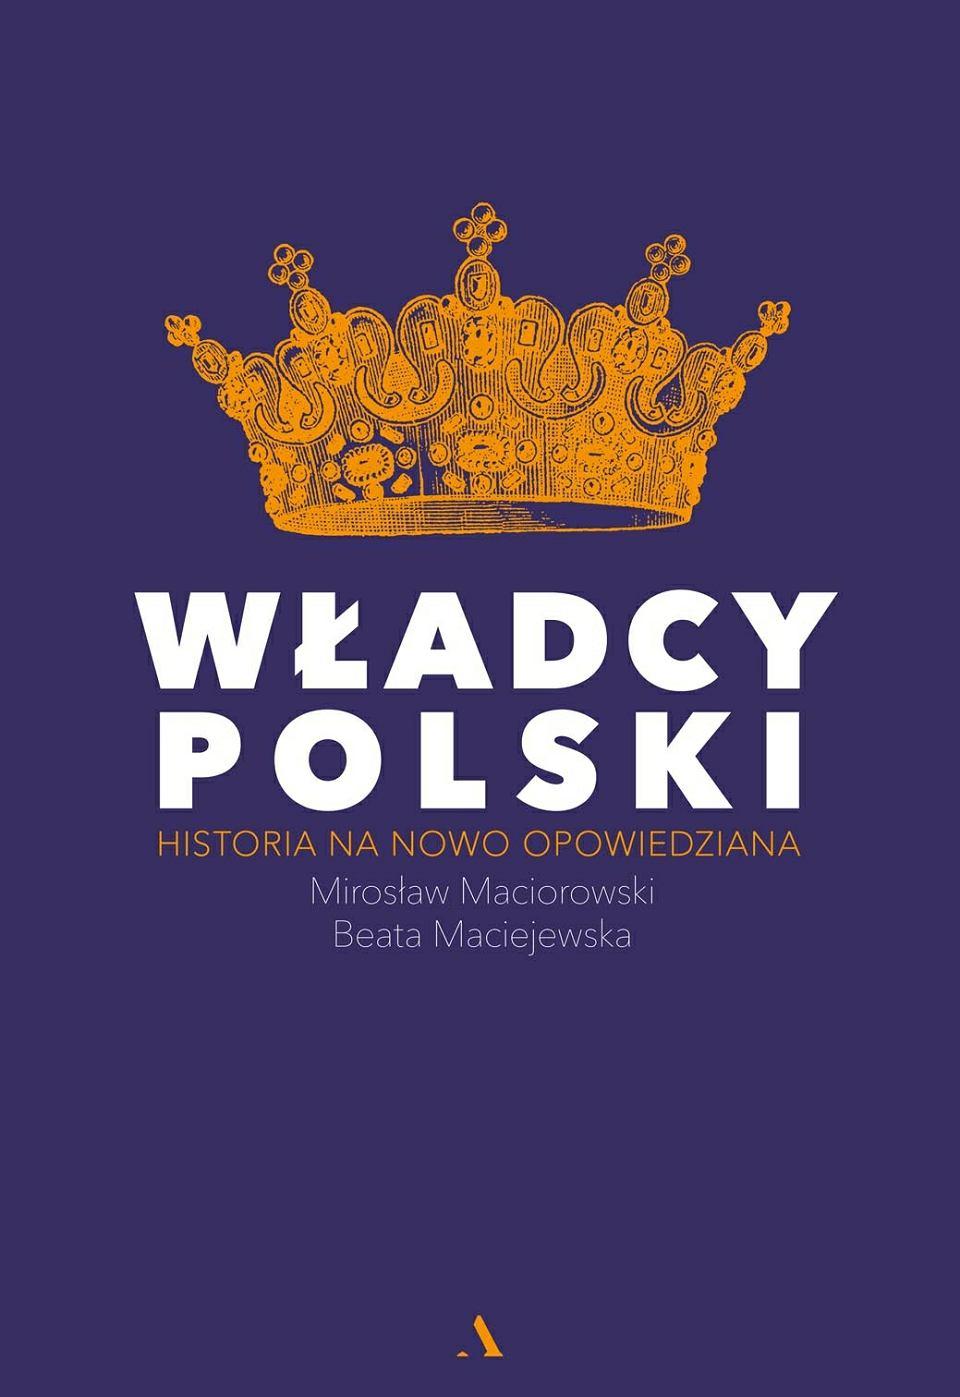 9f67a83a011d5e Tegoroczny jubileusz stulecia odzyskania przez Polskę niepodległości nie  obrodził przesadnie ani w prace historyków prowokujące do poważnej dyskusji  o ...